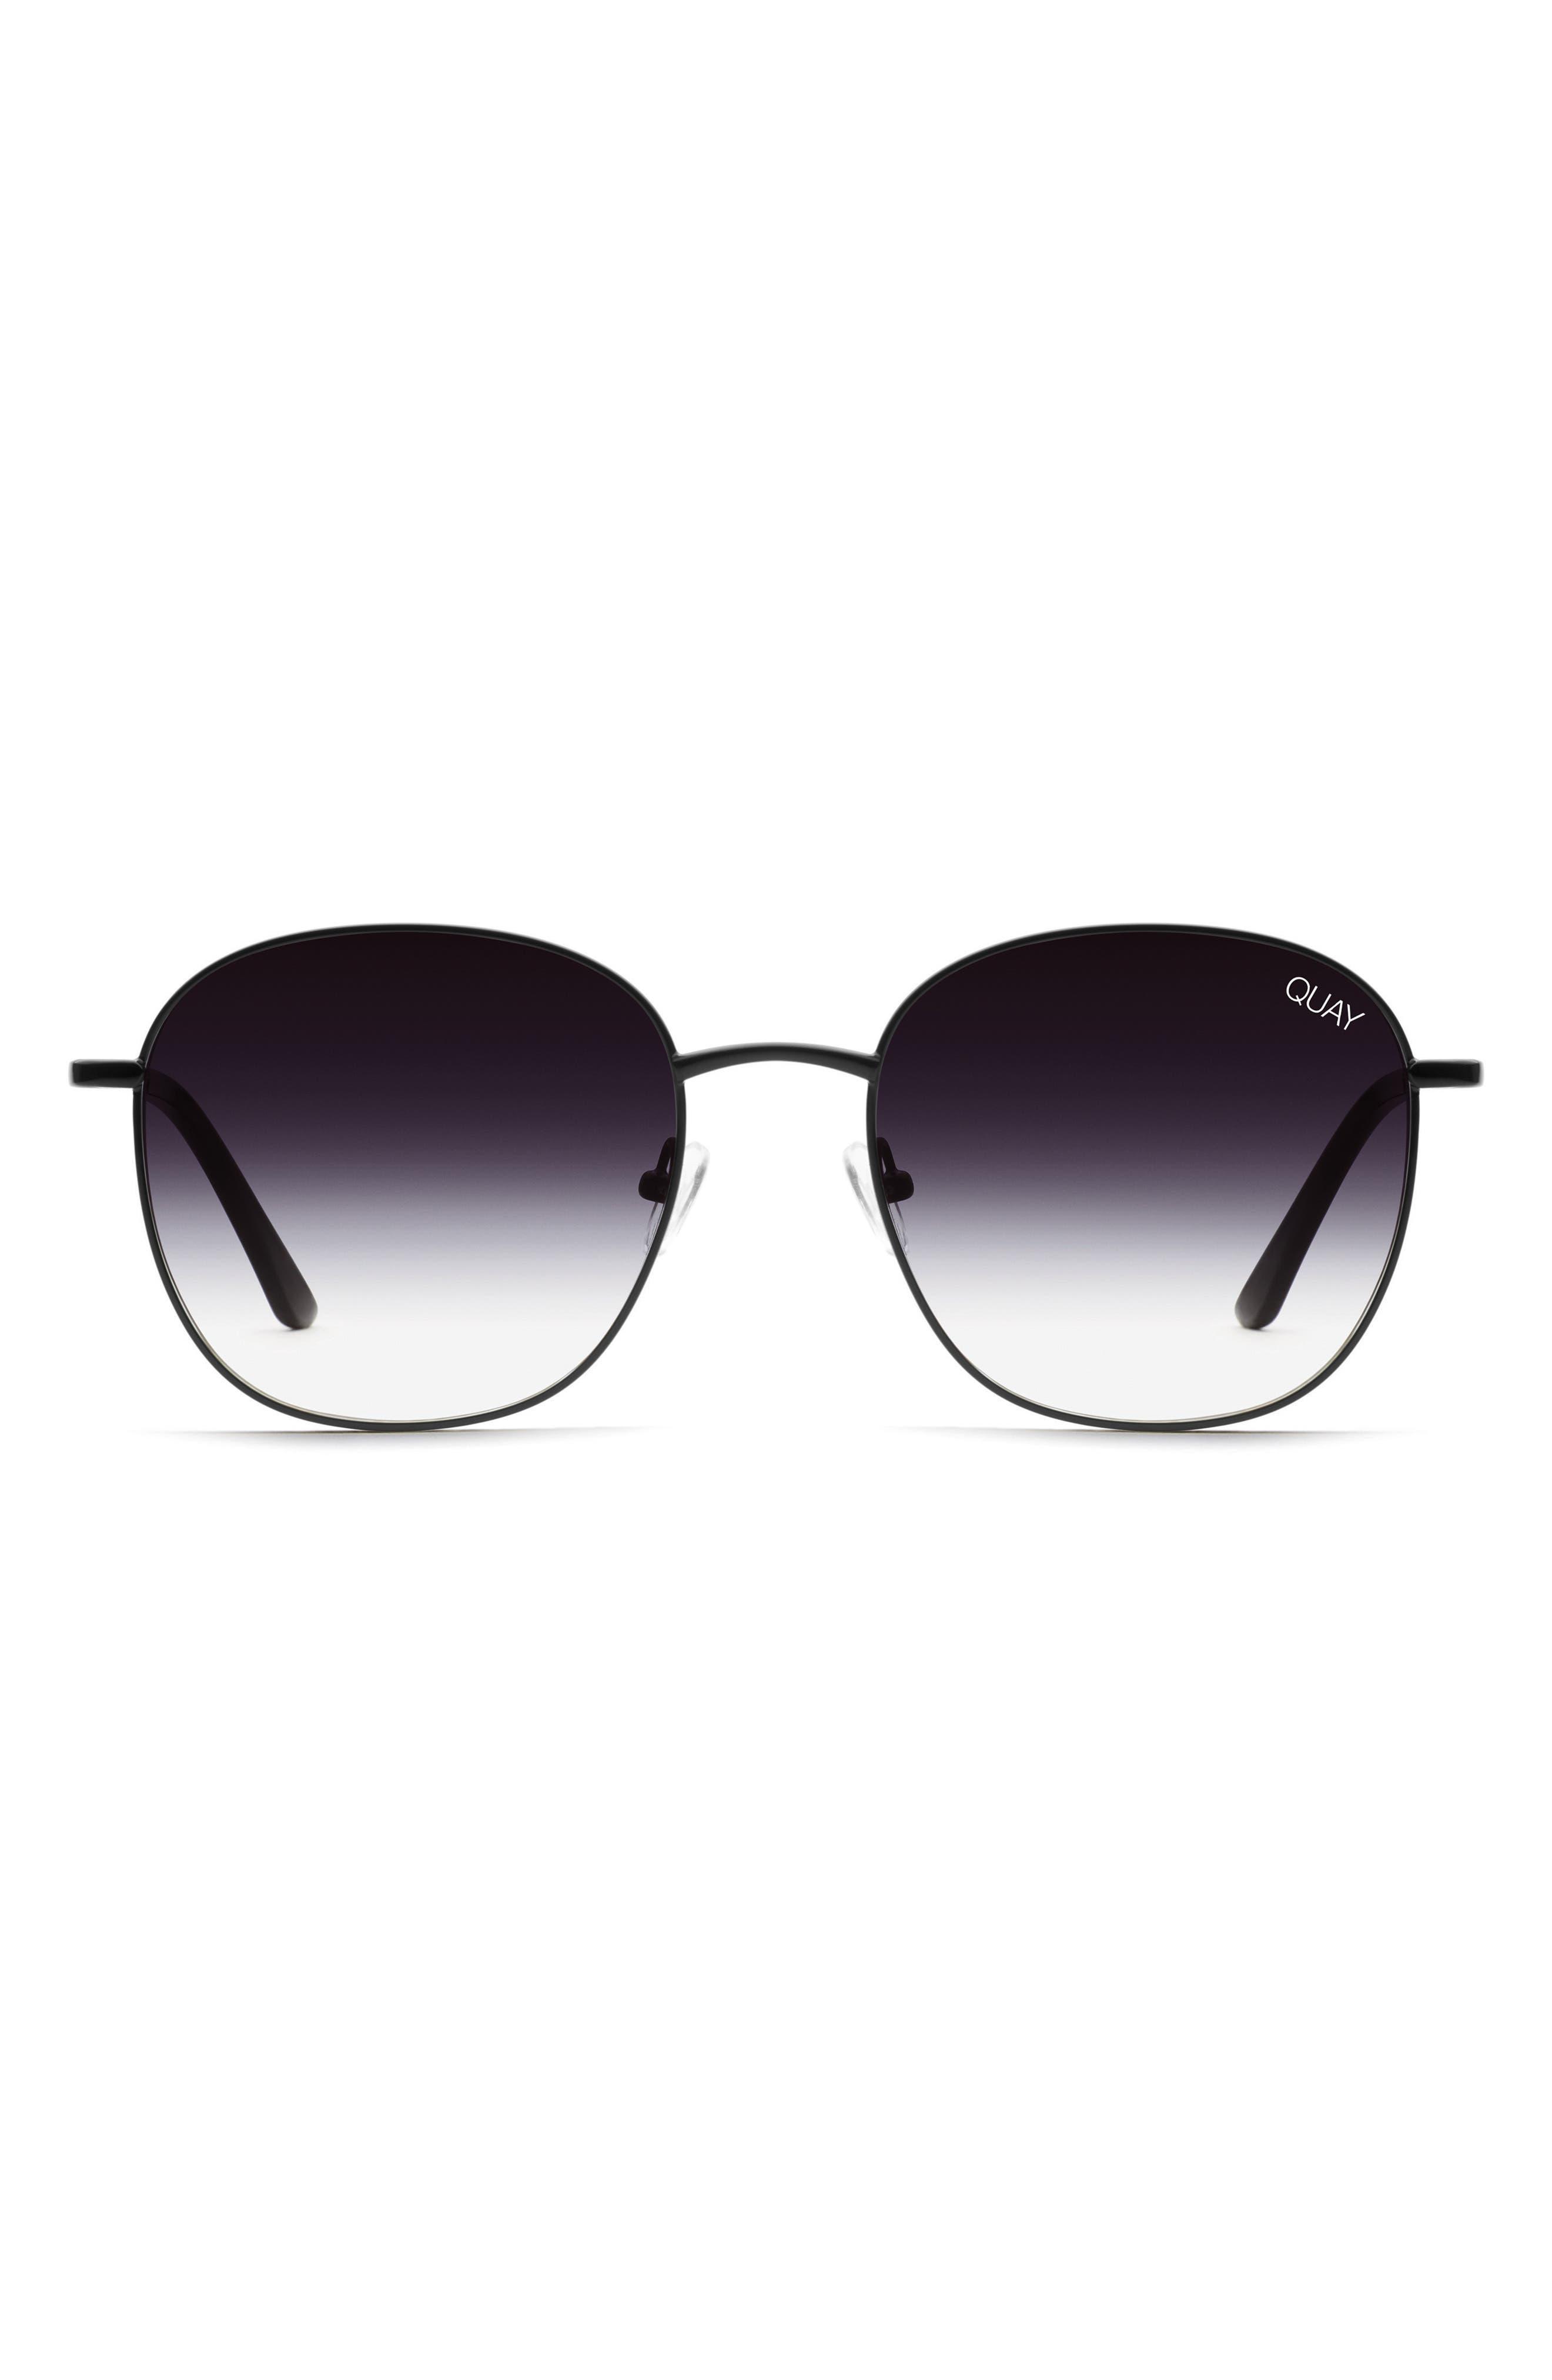 For For WomenNordstrom Sunglasses For WomenNordstrom Sunglasses WomenNordstrom Sunglasses 0ONkPZ8wnX